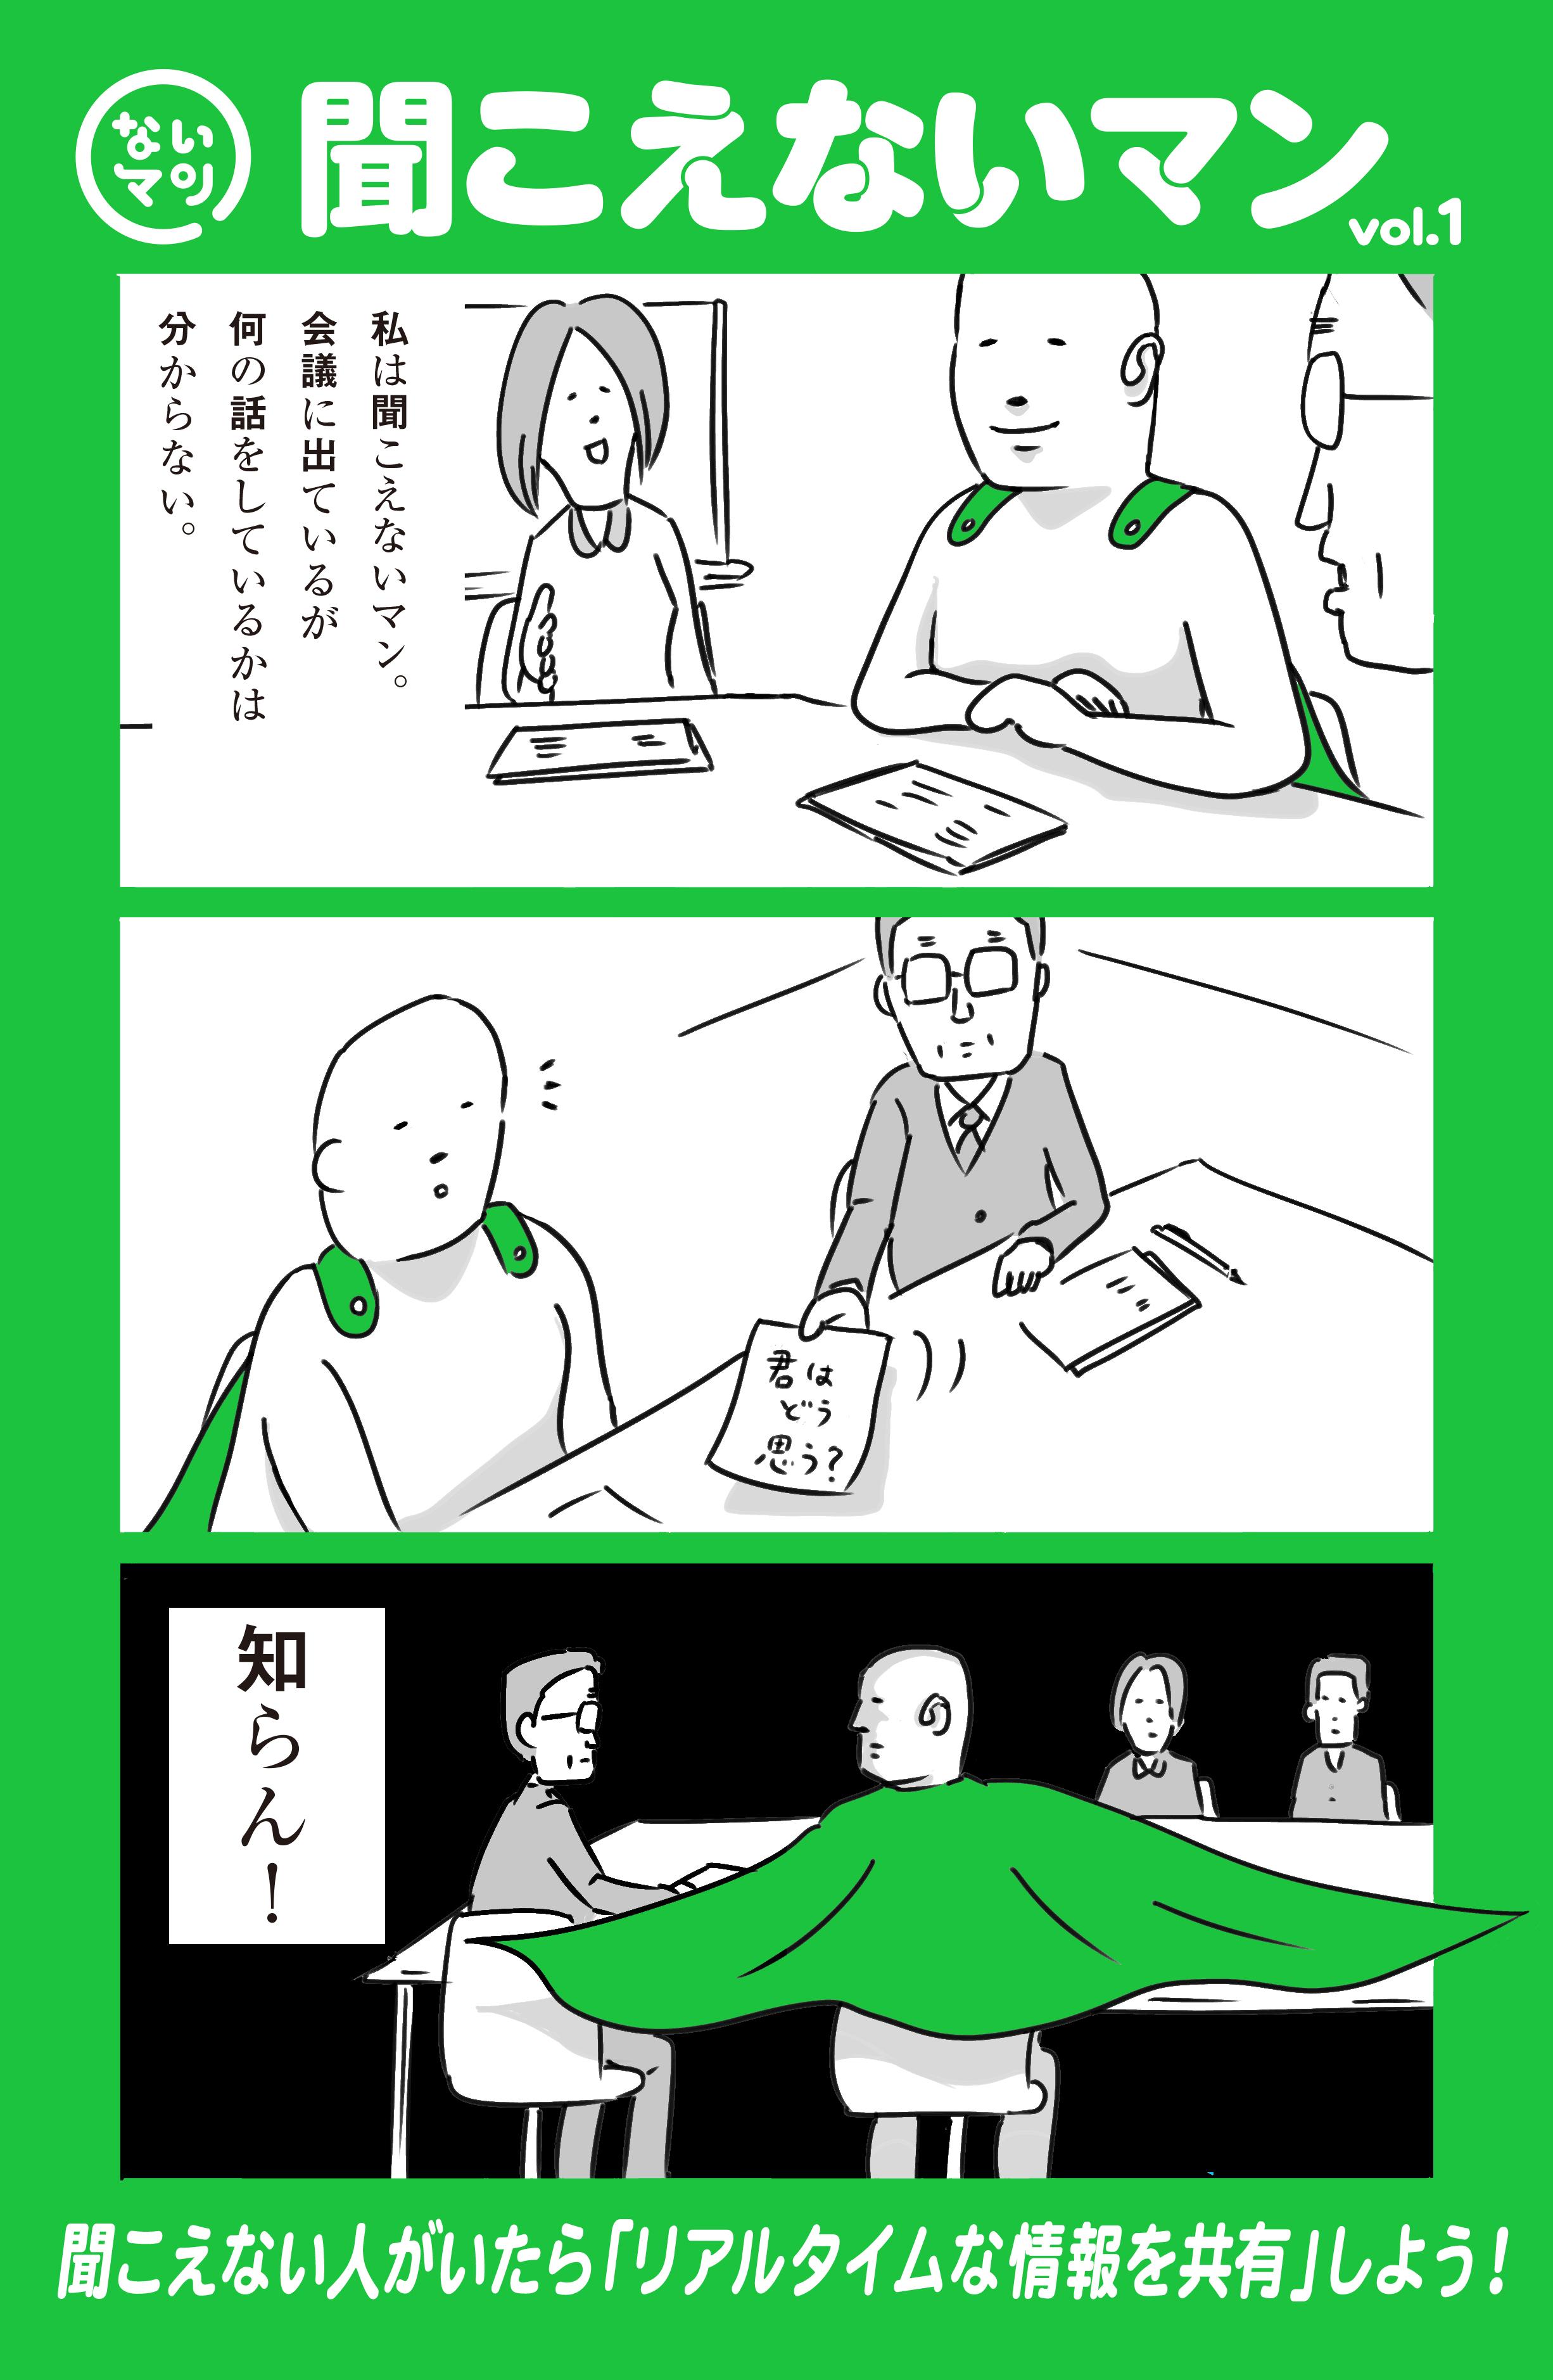 作:澤田昨日 絵:いとけん